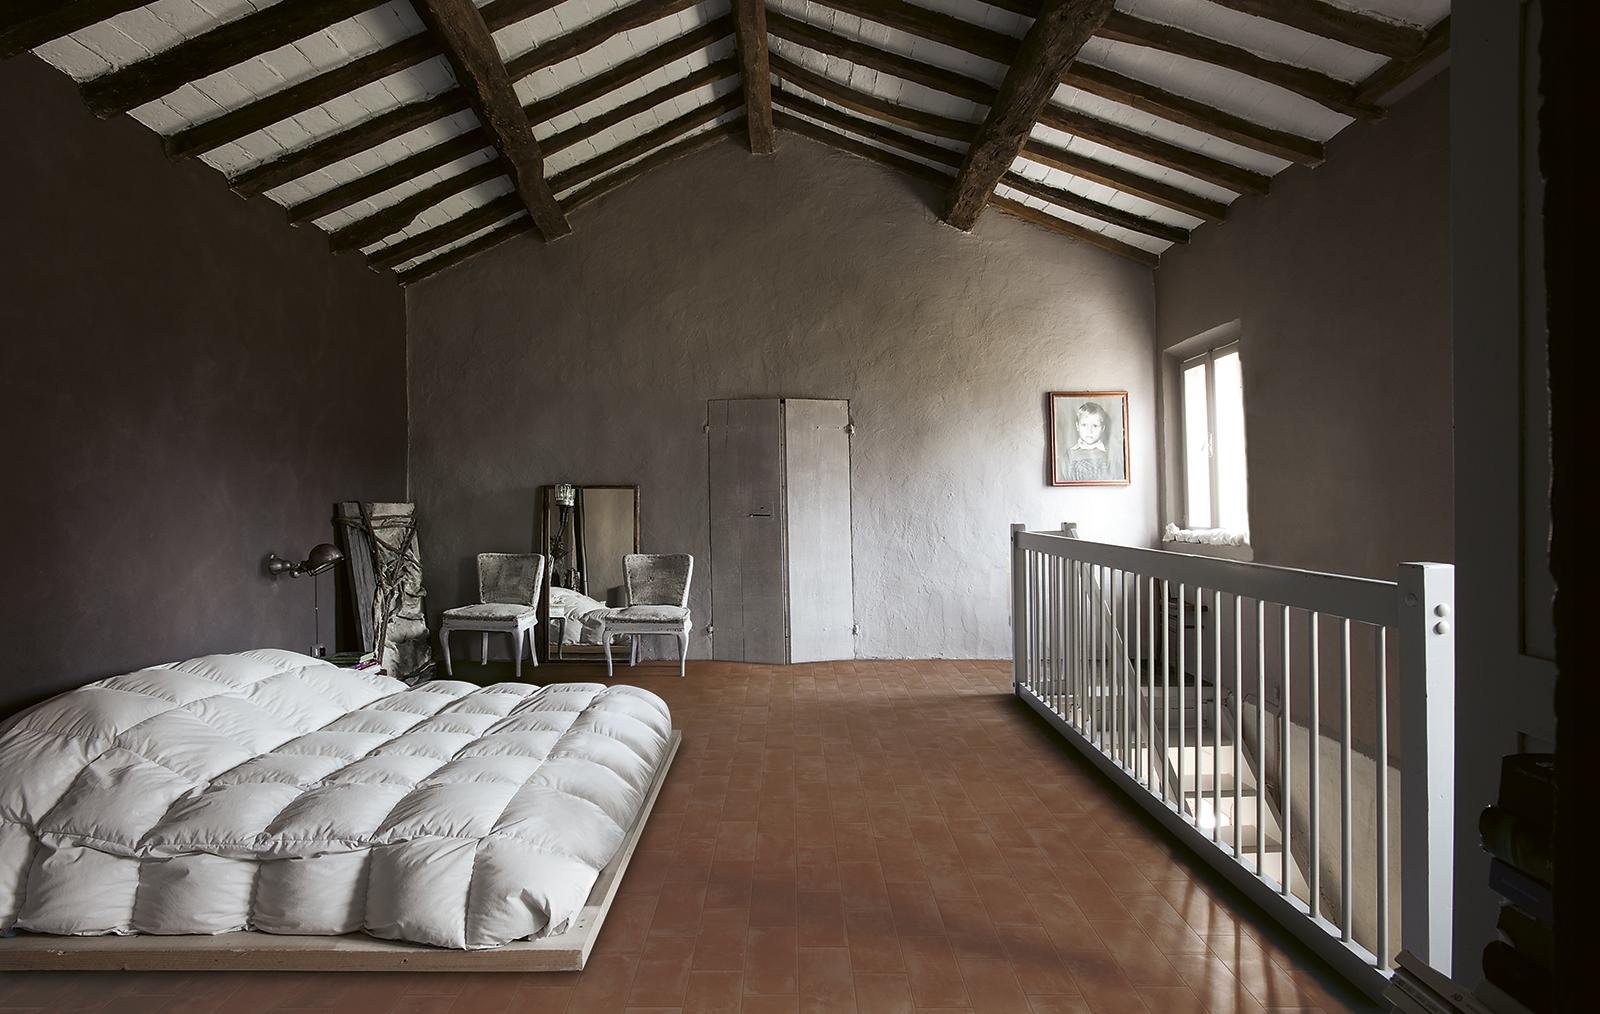 Piastrelle camera da letto idee in ceramica e gres marazzi - Cromoterapia camera da letto ...